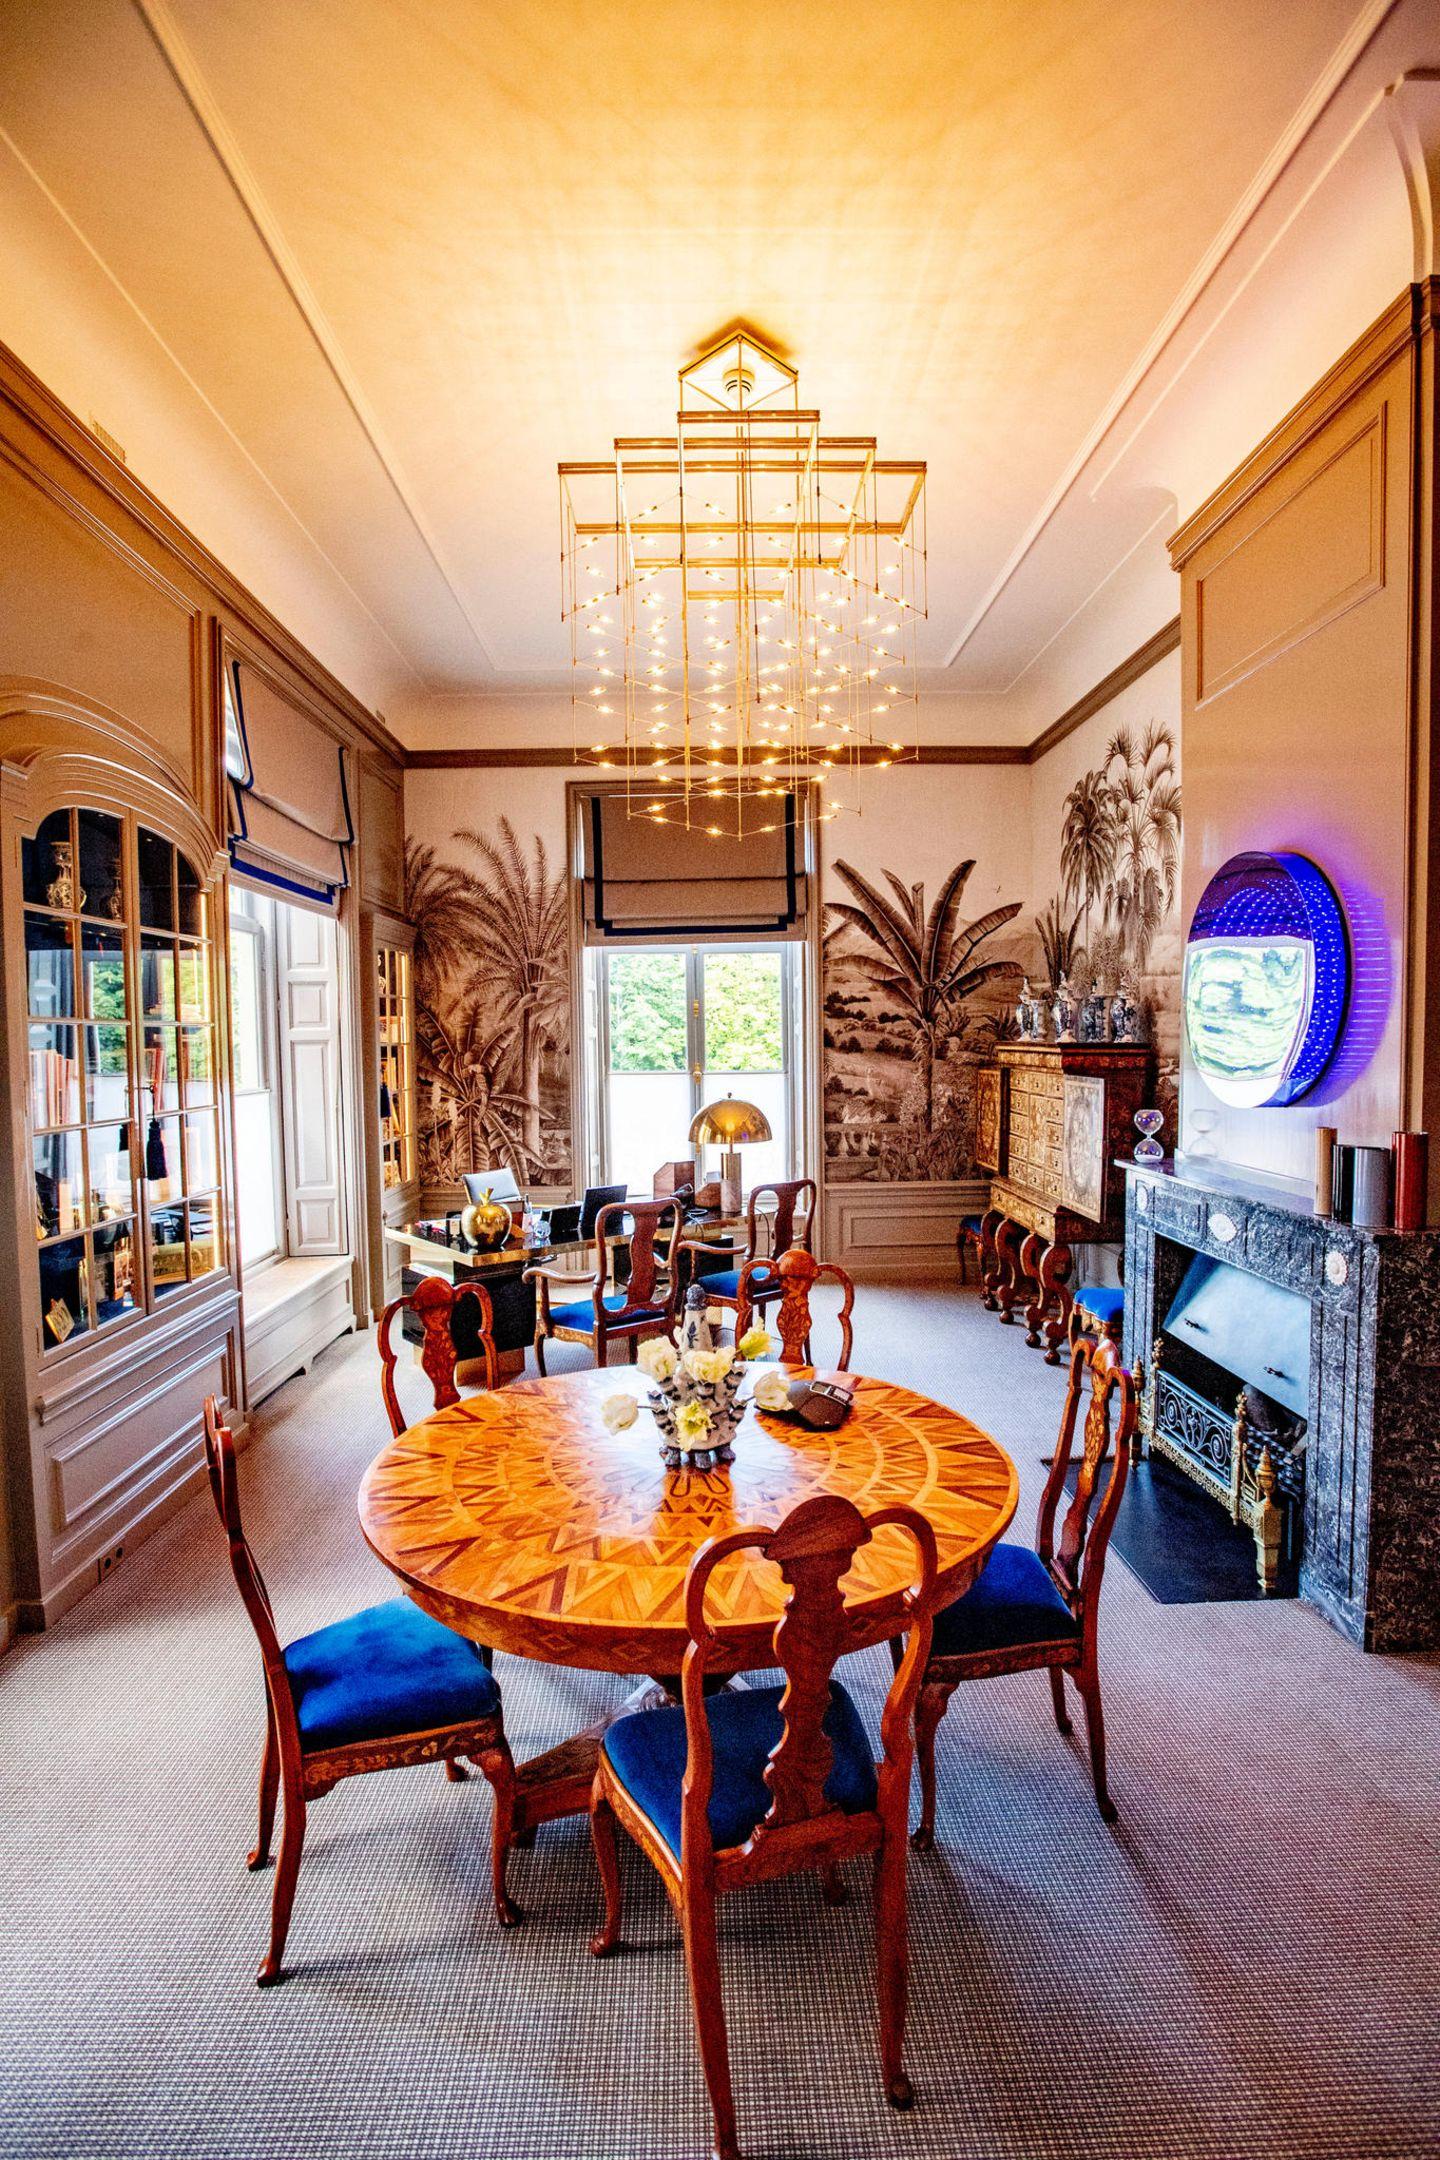 Königin Máximas Arbeitszimmer spiegelt ihren modernen, extrovertierten Charakter wider. Und ein niedliches Detail gibt es auch noch: Sowohl Máxima, als auch ihr Ehemann Willem-Alexander haben in ihren Büros die gleiche Deckenlampe angebracht.